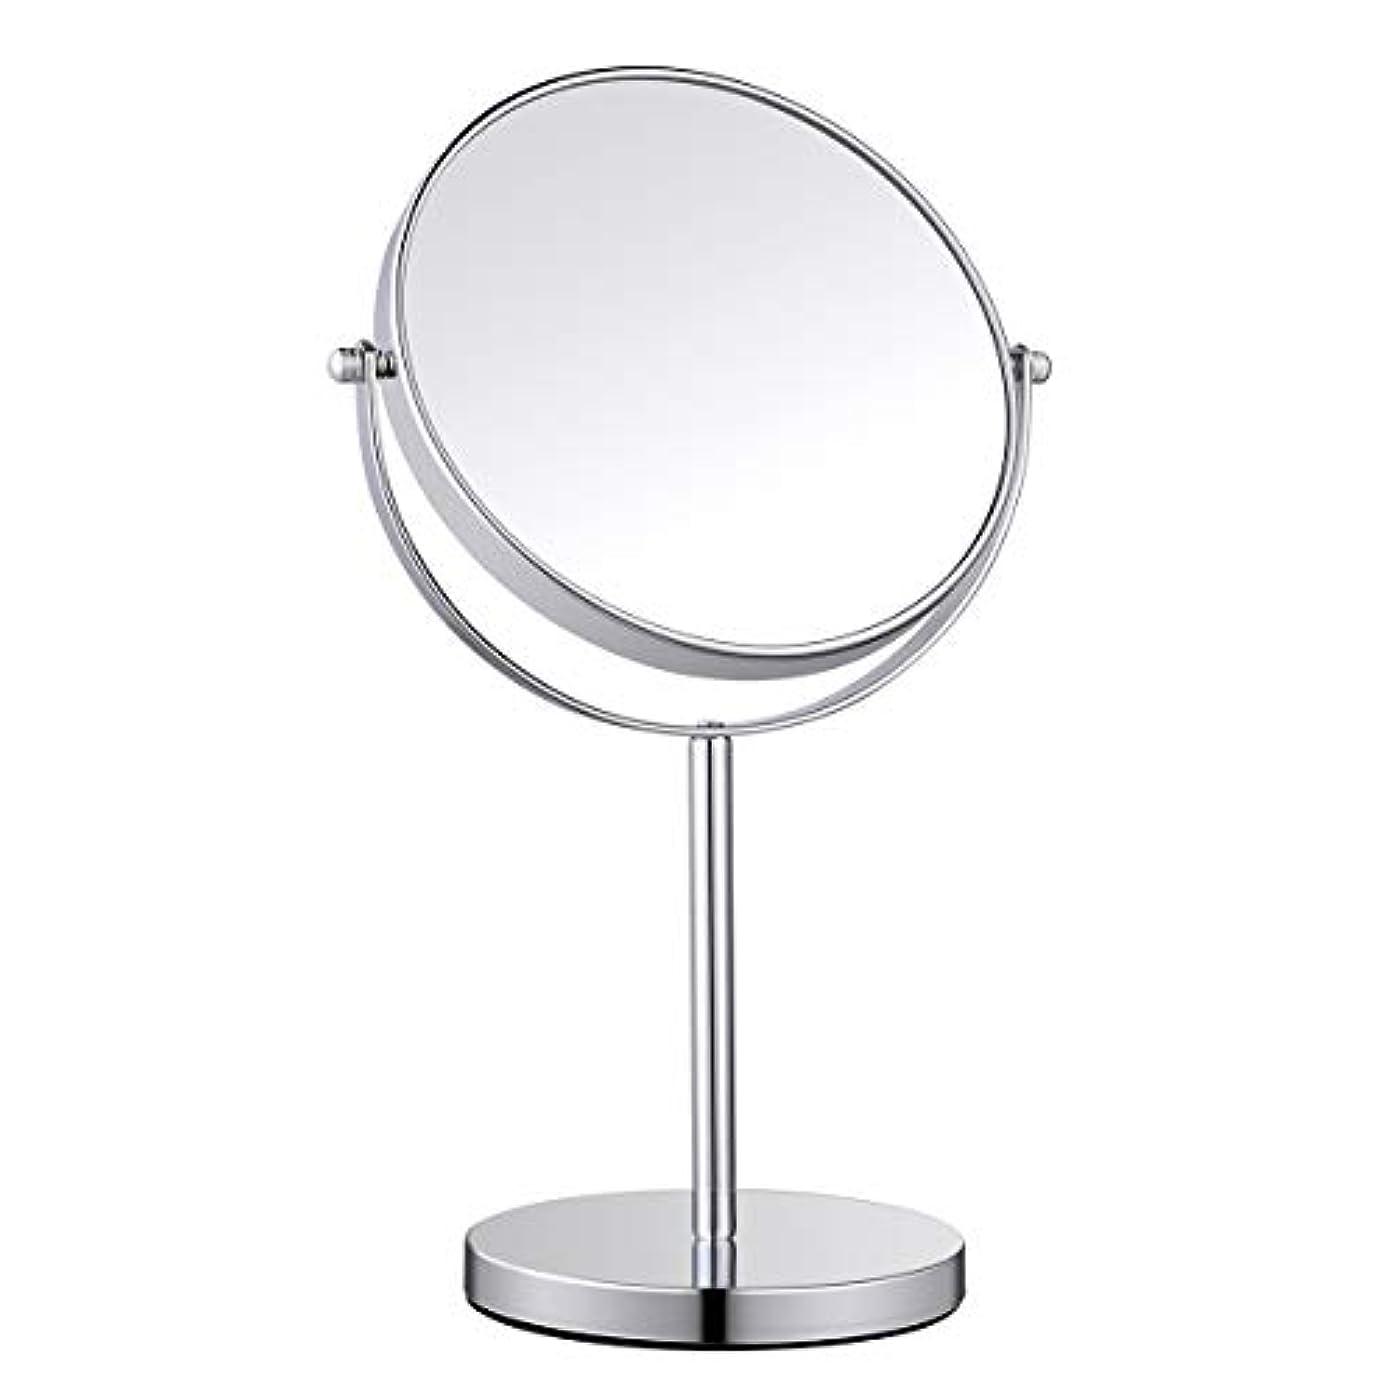 ホテル革命黒板Ovonni 卓上鏡 化粧鏡 卓上ミラー 両面鏡 360°回転 等倍鏡&3倍拡大鏡 光学レンズ高解像度 シンプル (太い 鏡面20cm)